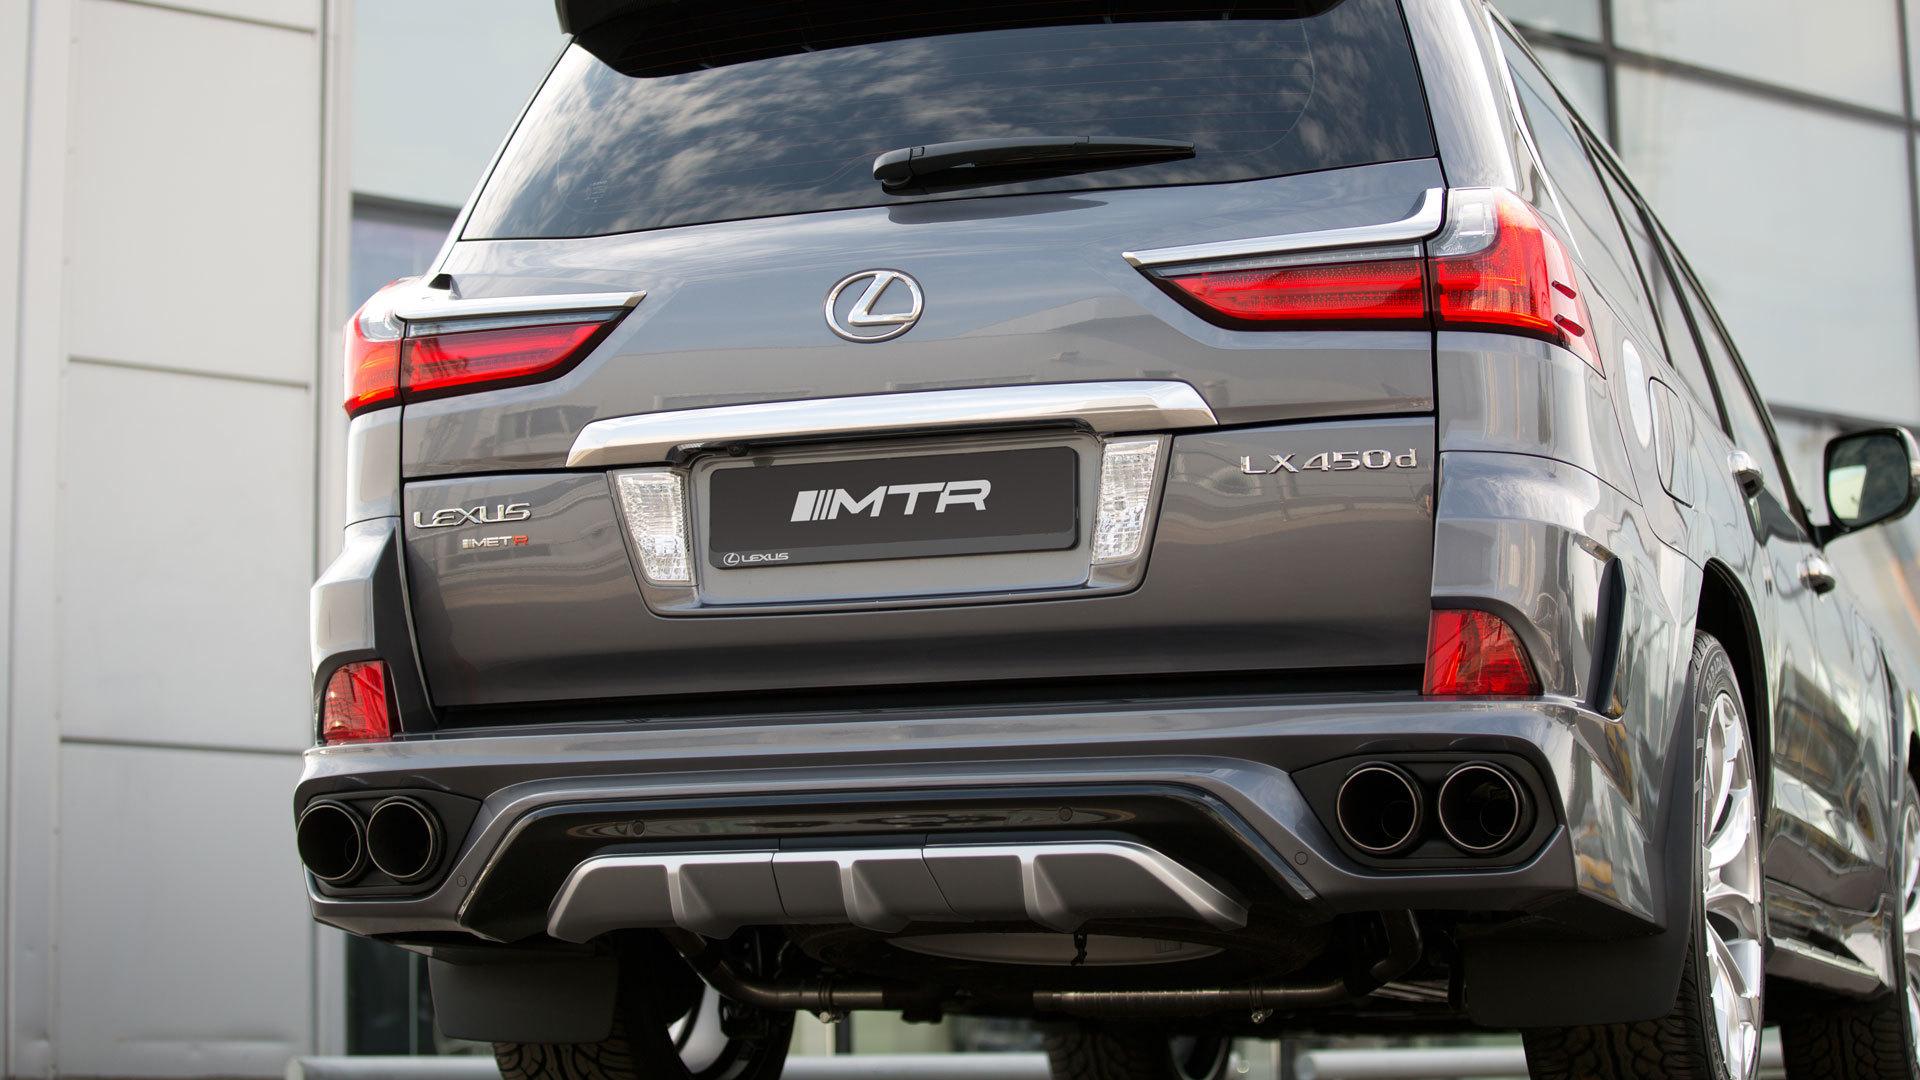 MTR Design Body kit for Lexus LX 570 new model